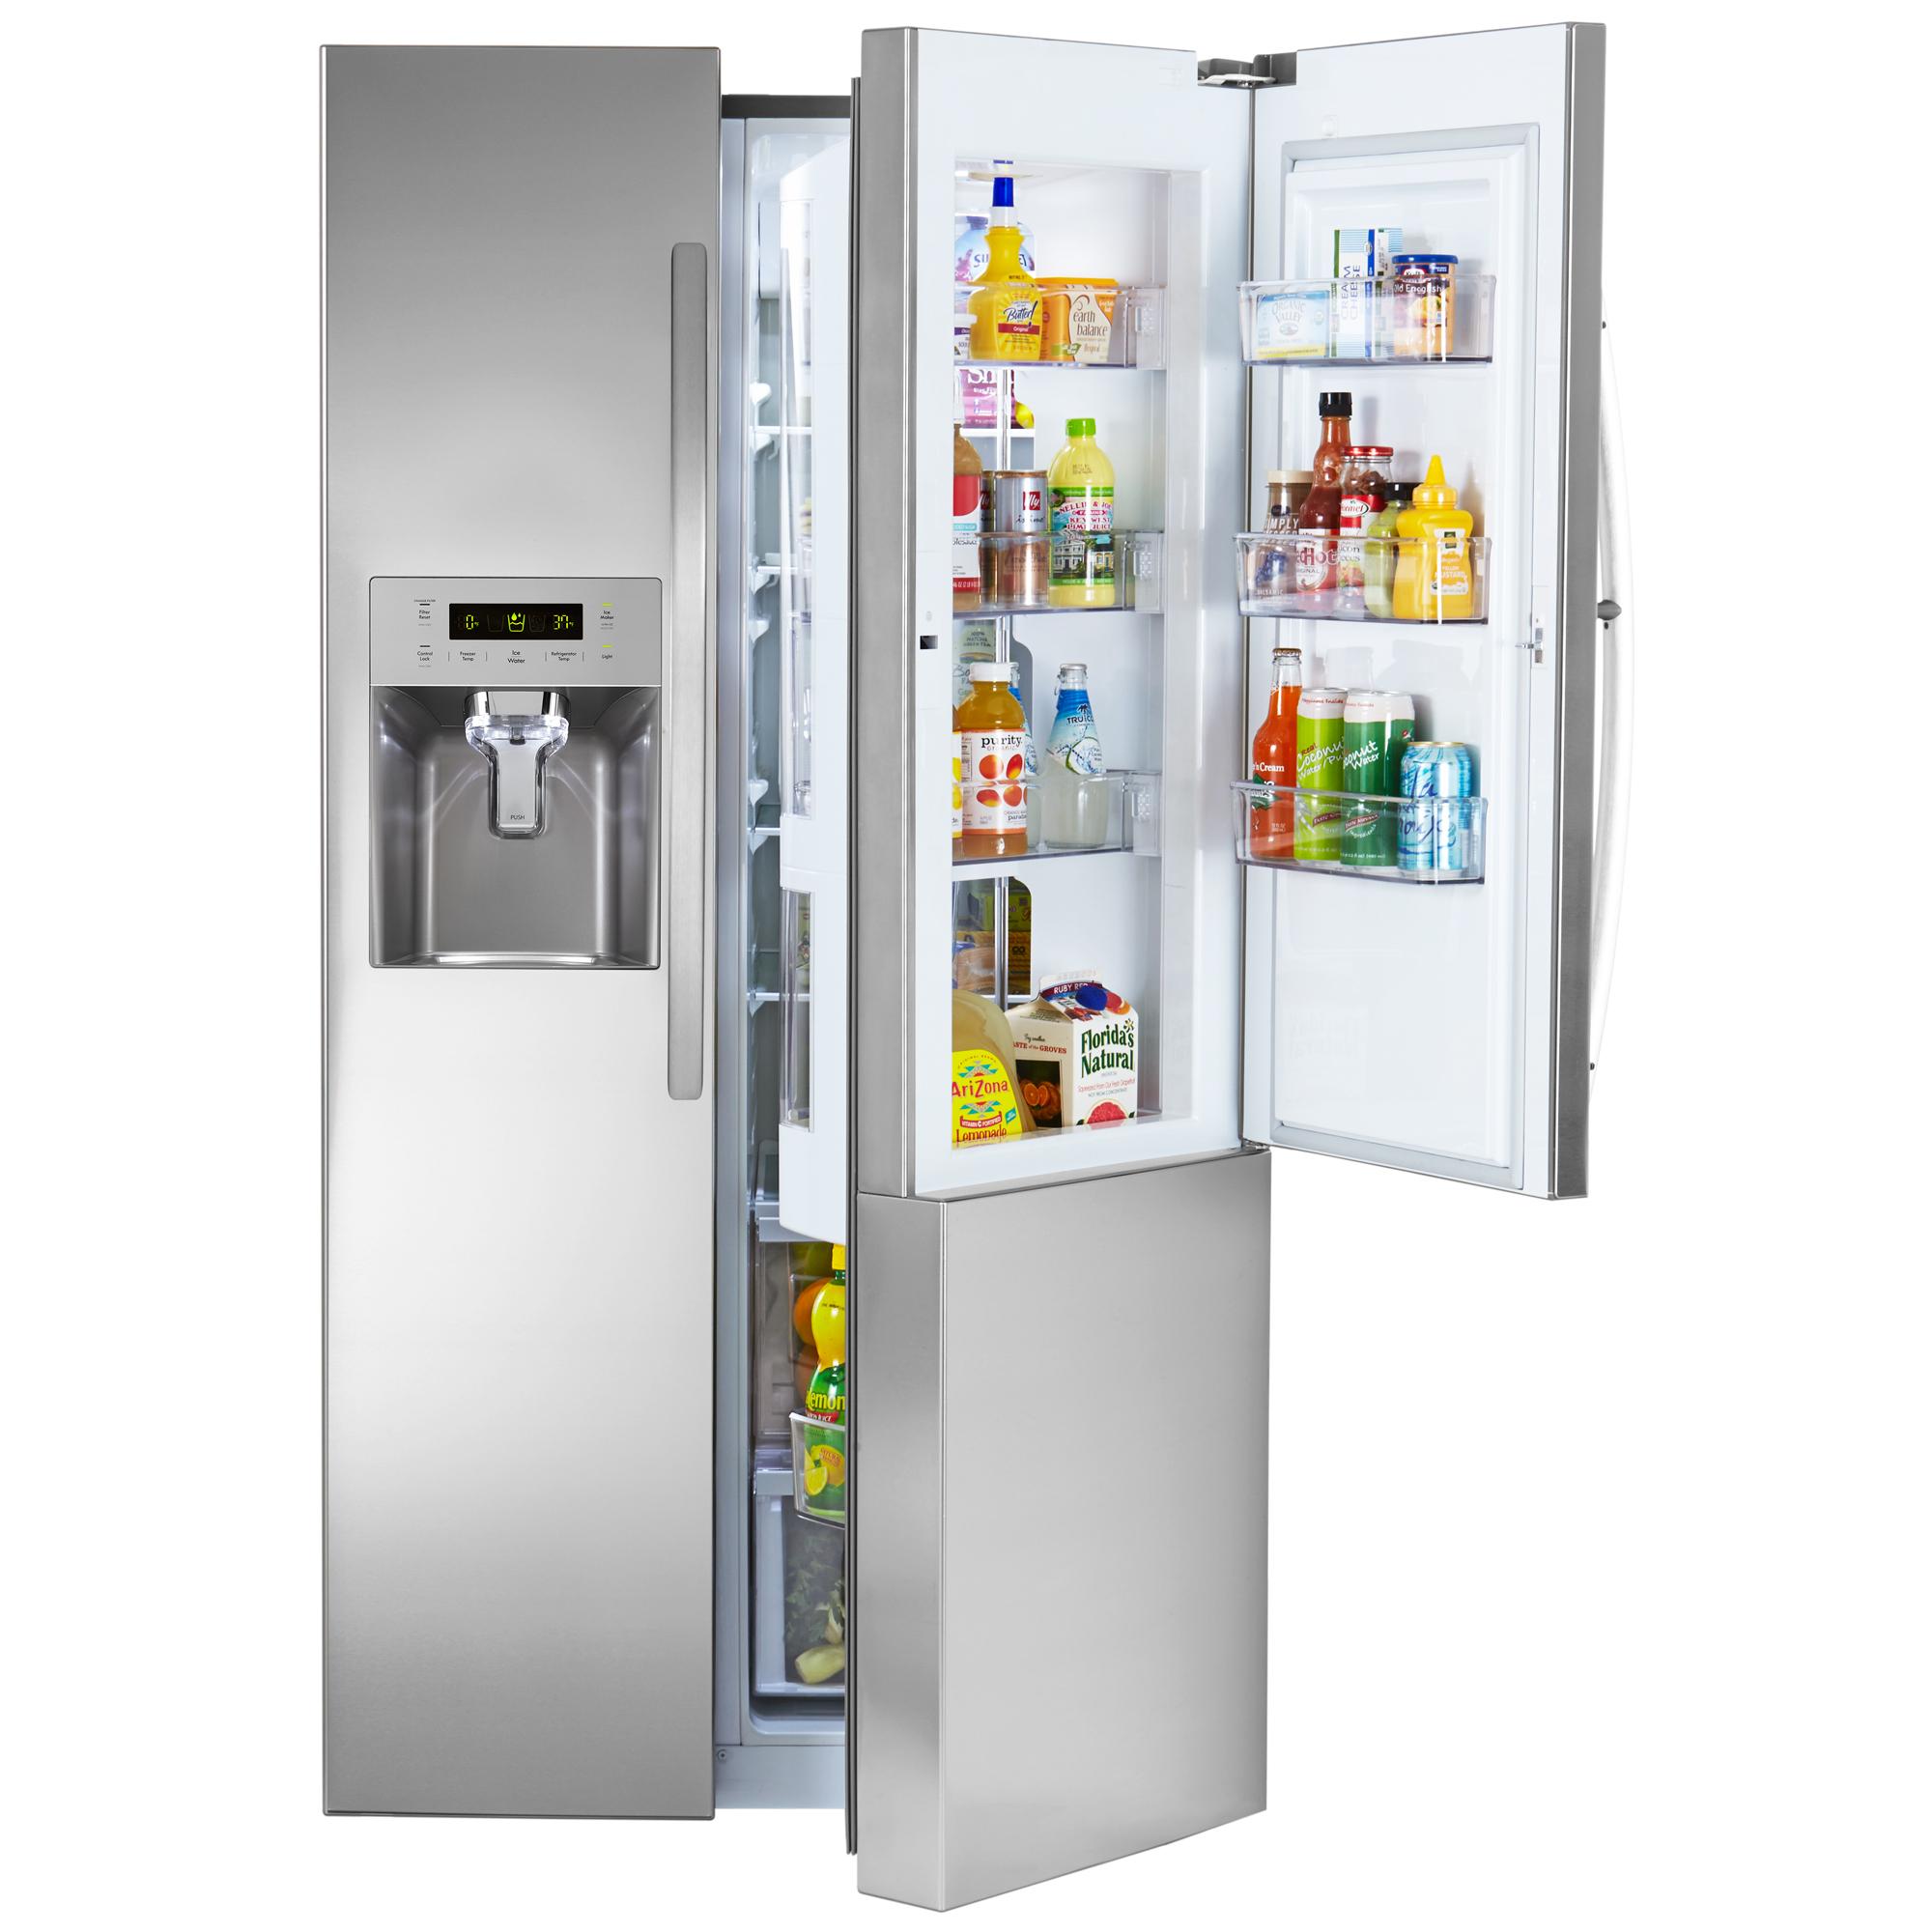 鲜养升级!利勃海尔BluPerformance 冰箱SBSes 8486让生活鲜活起来!